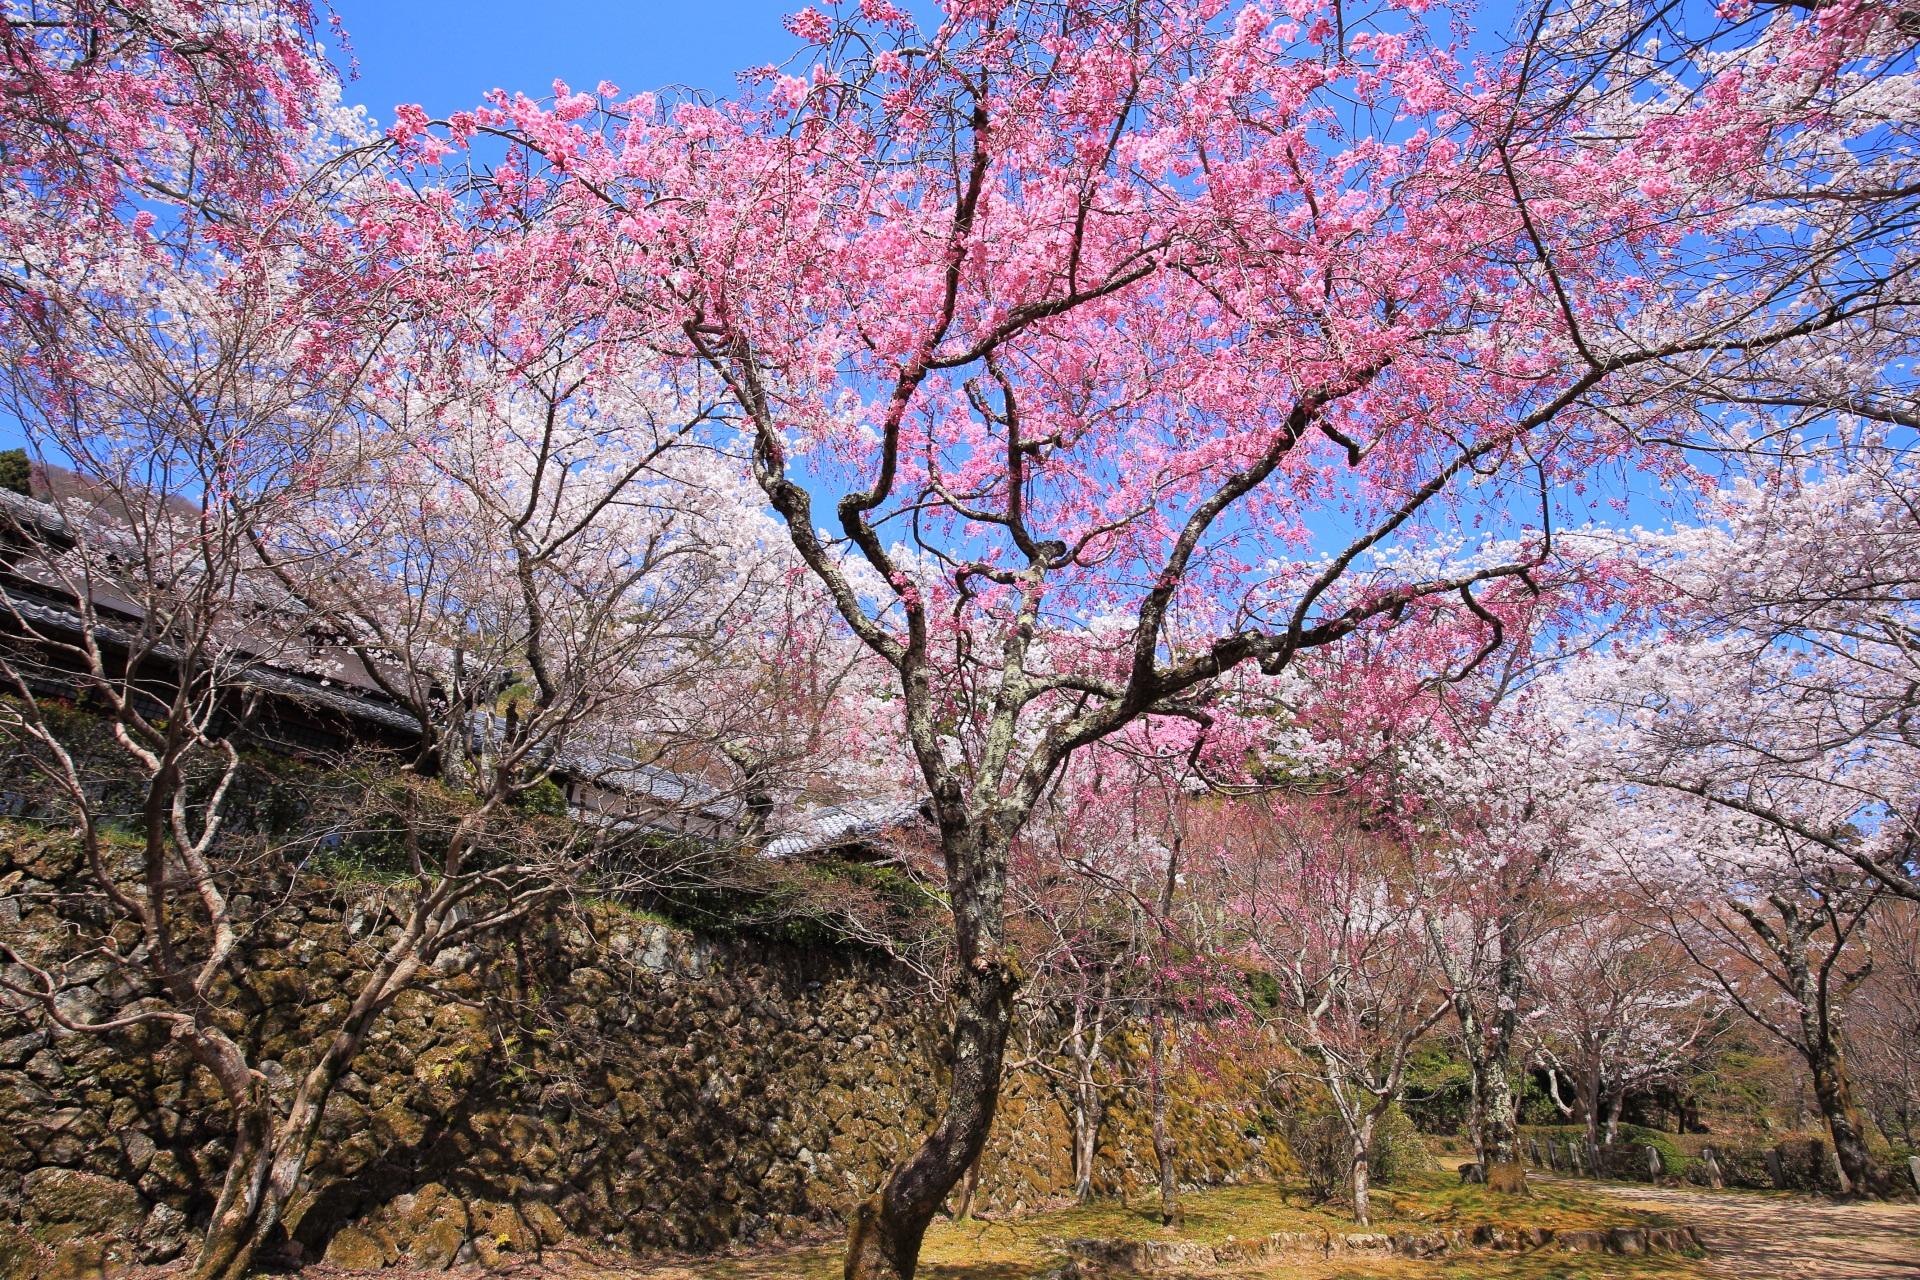 勝持寺の青空を覆う紅白の極上の桜